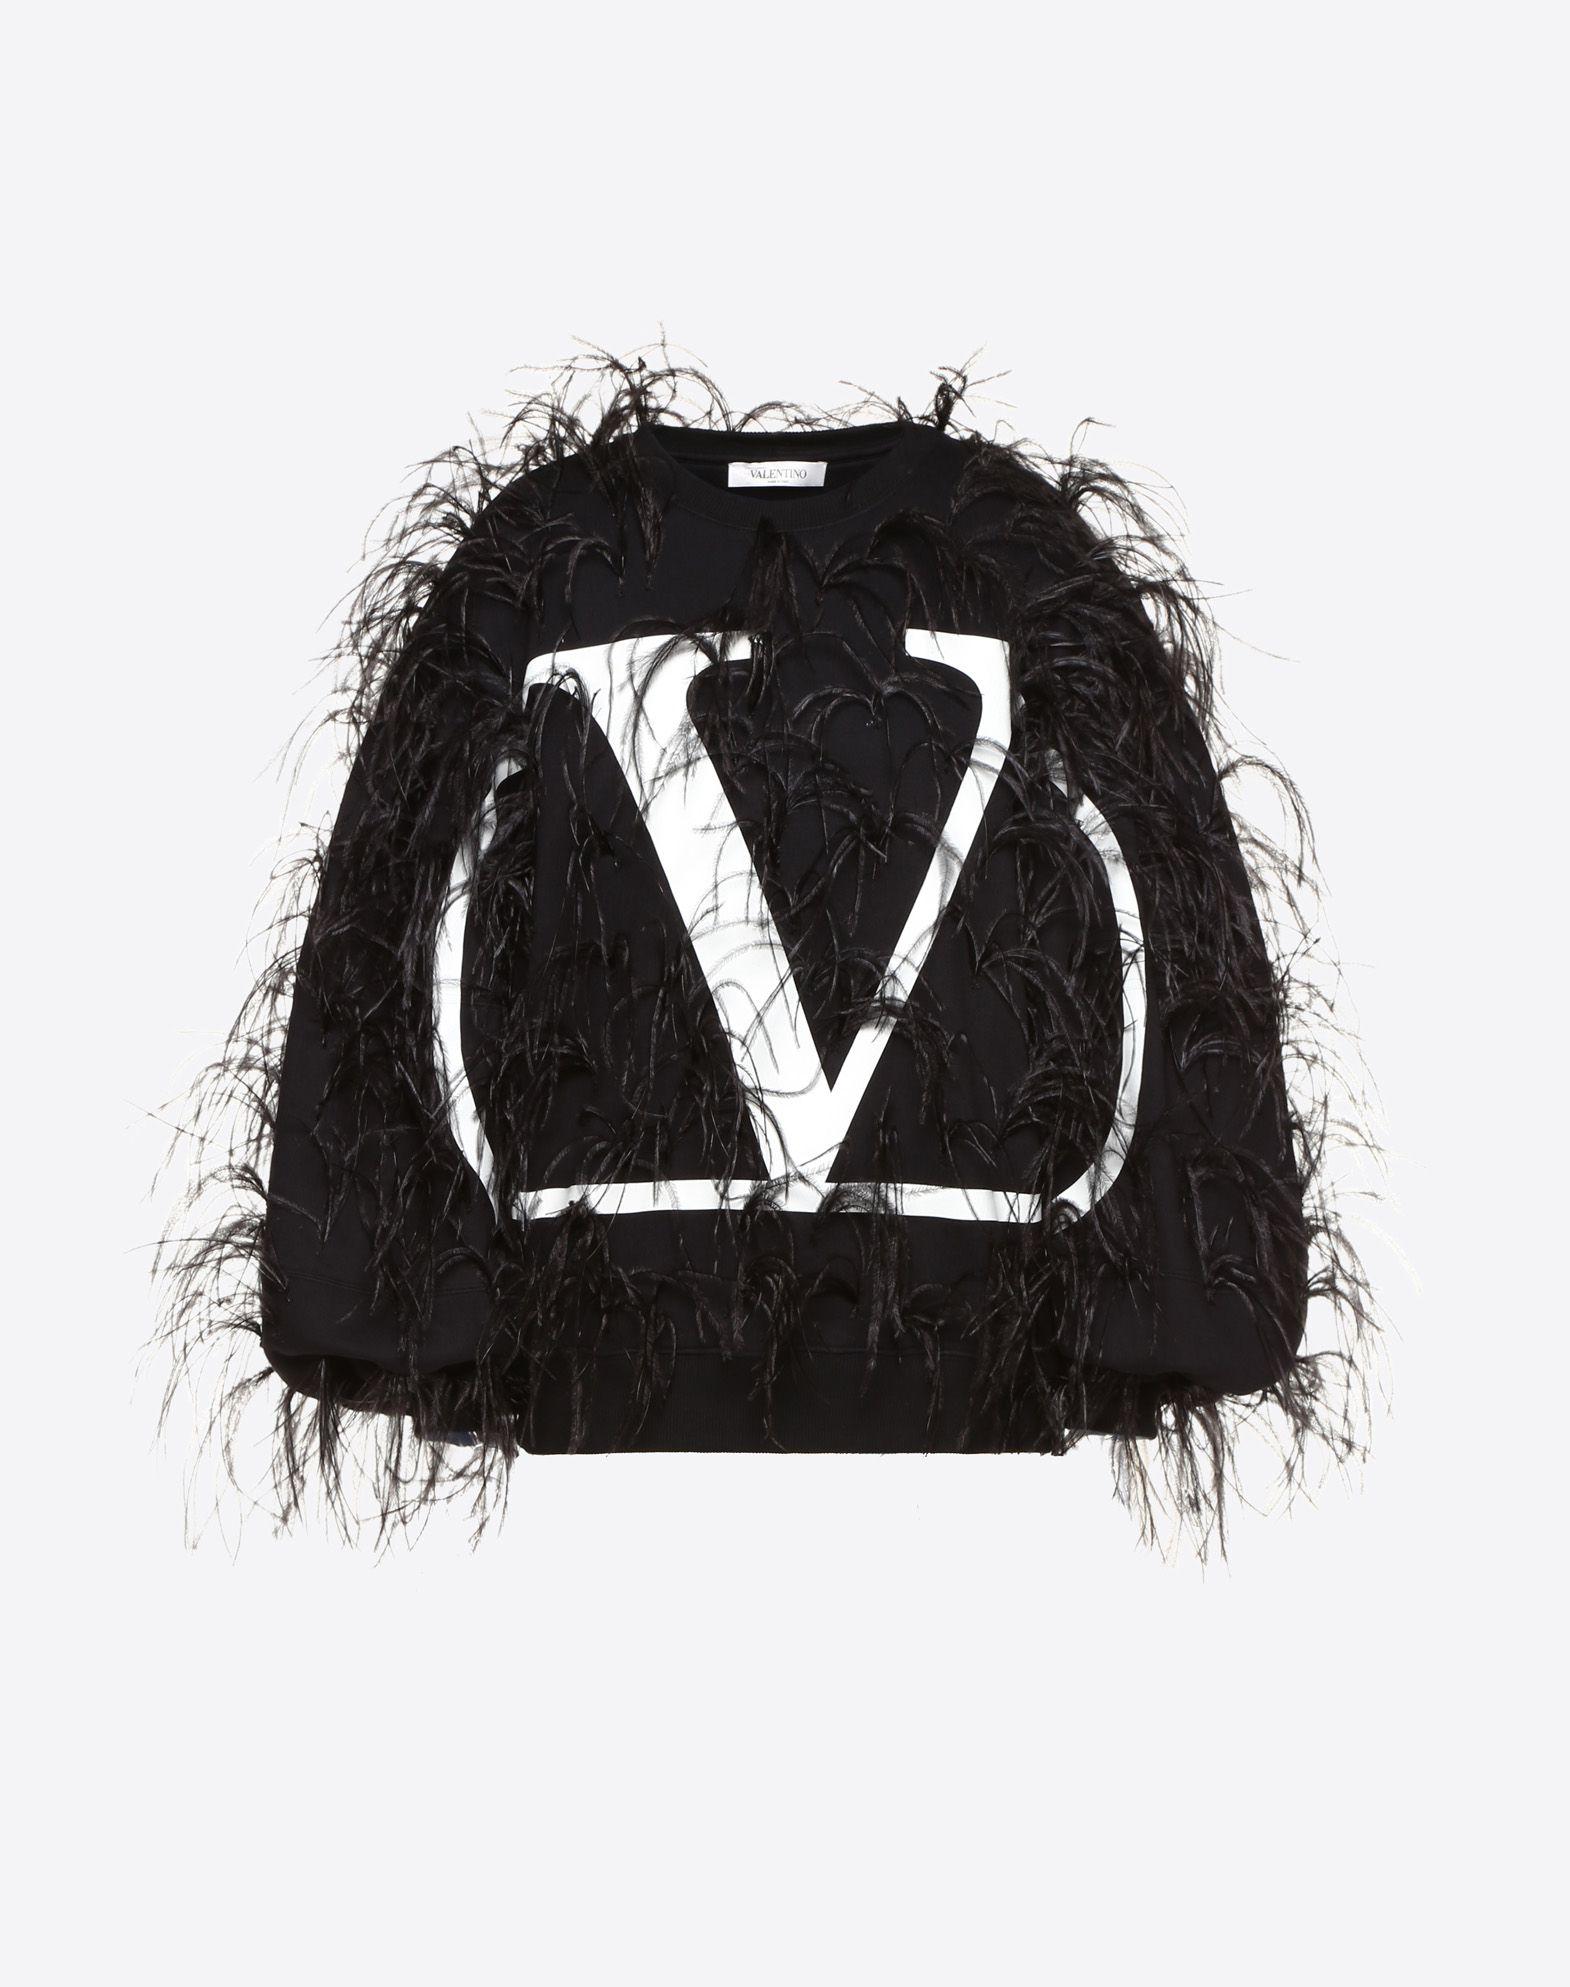 VLOGO Embroidered Sweatshirt